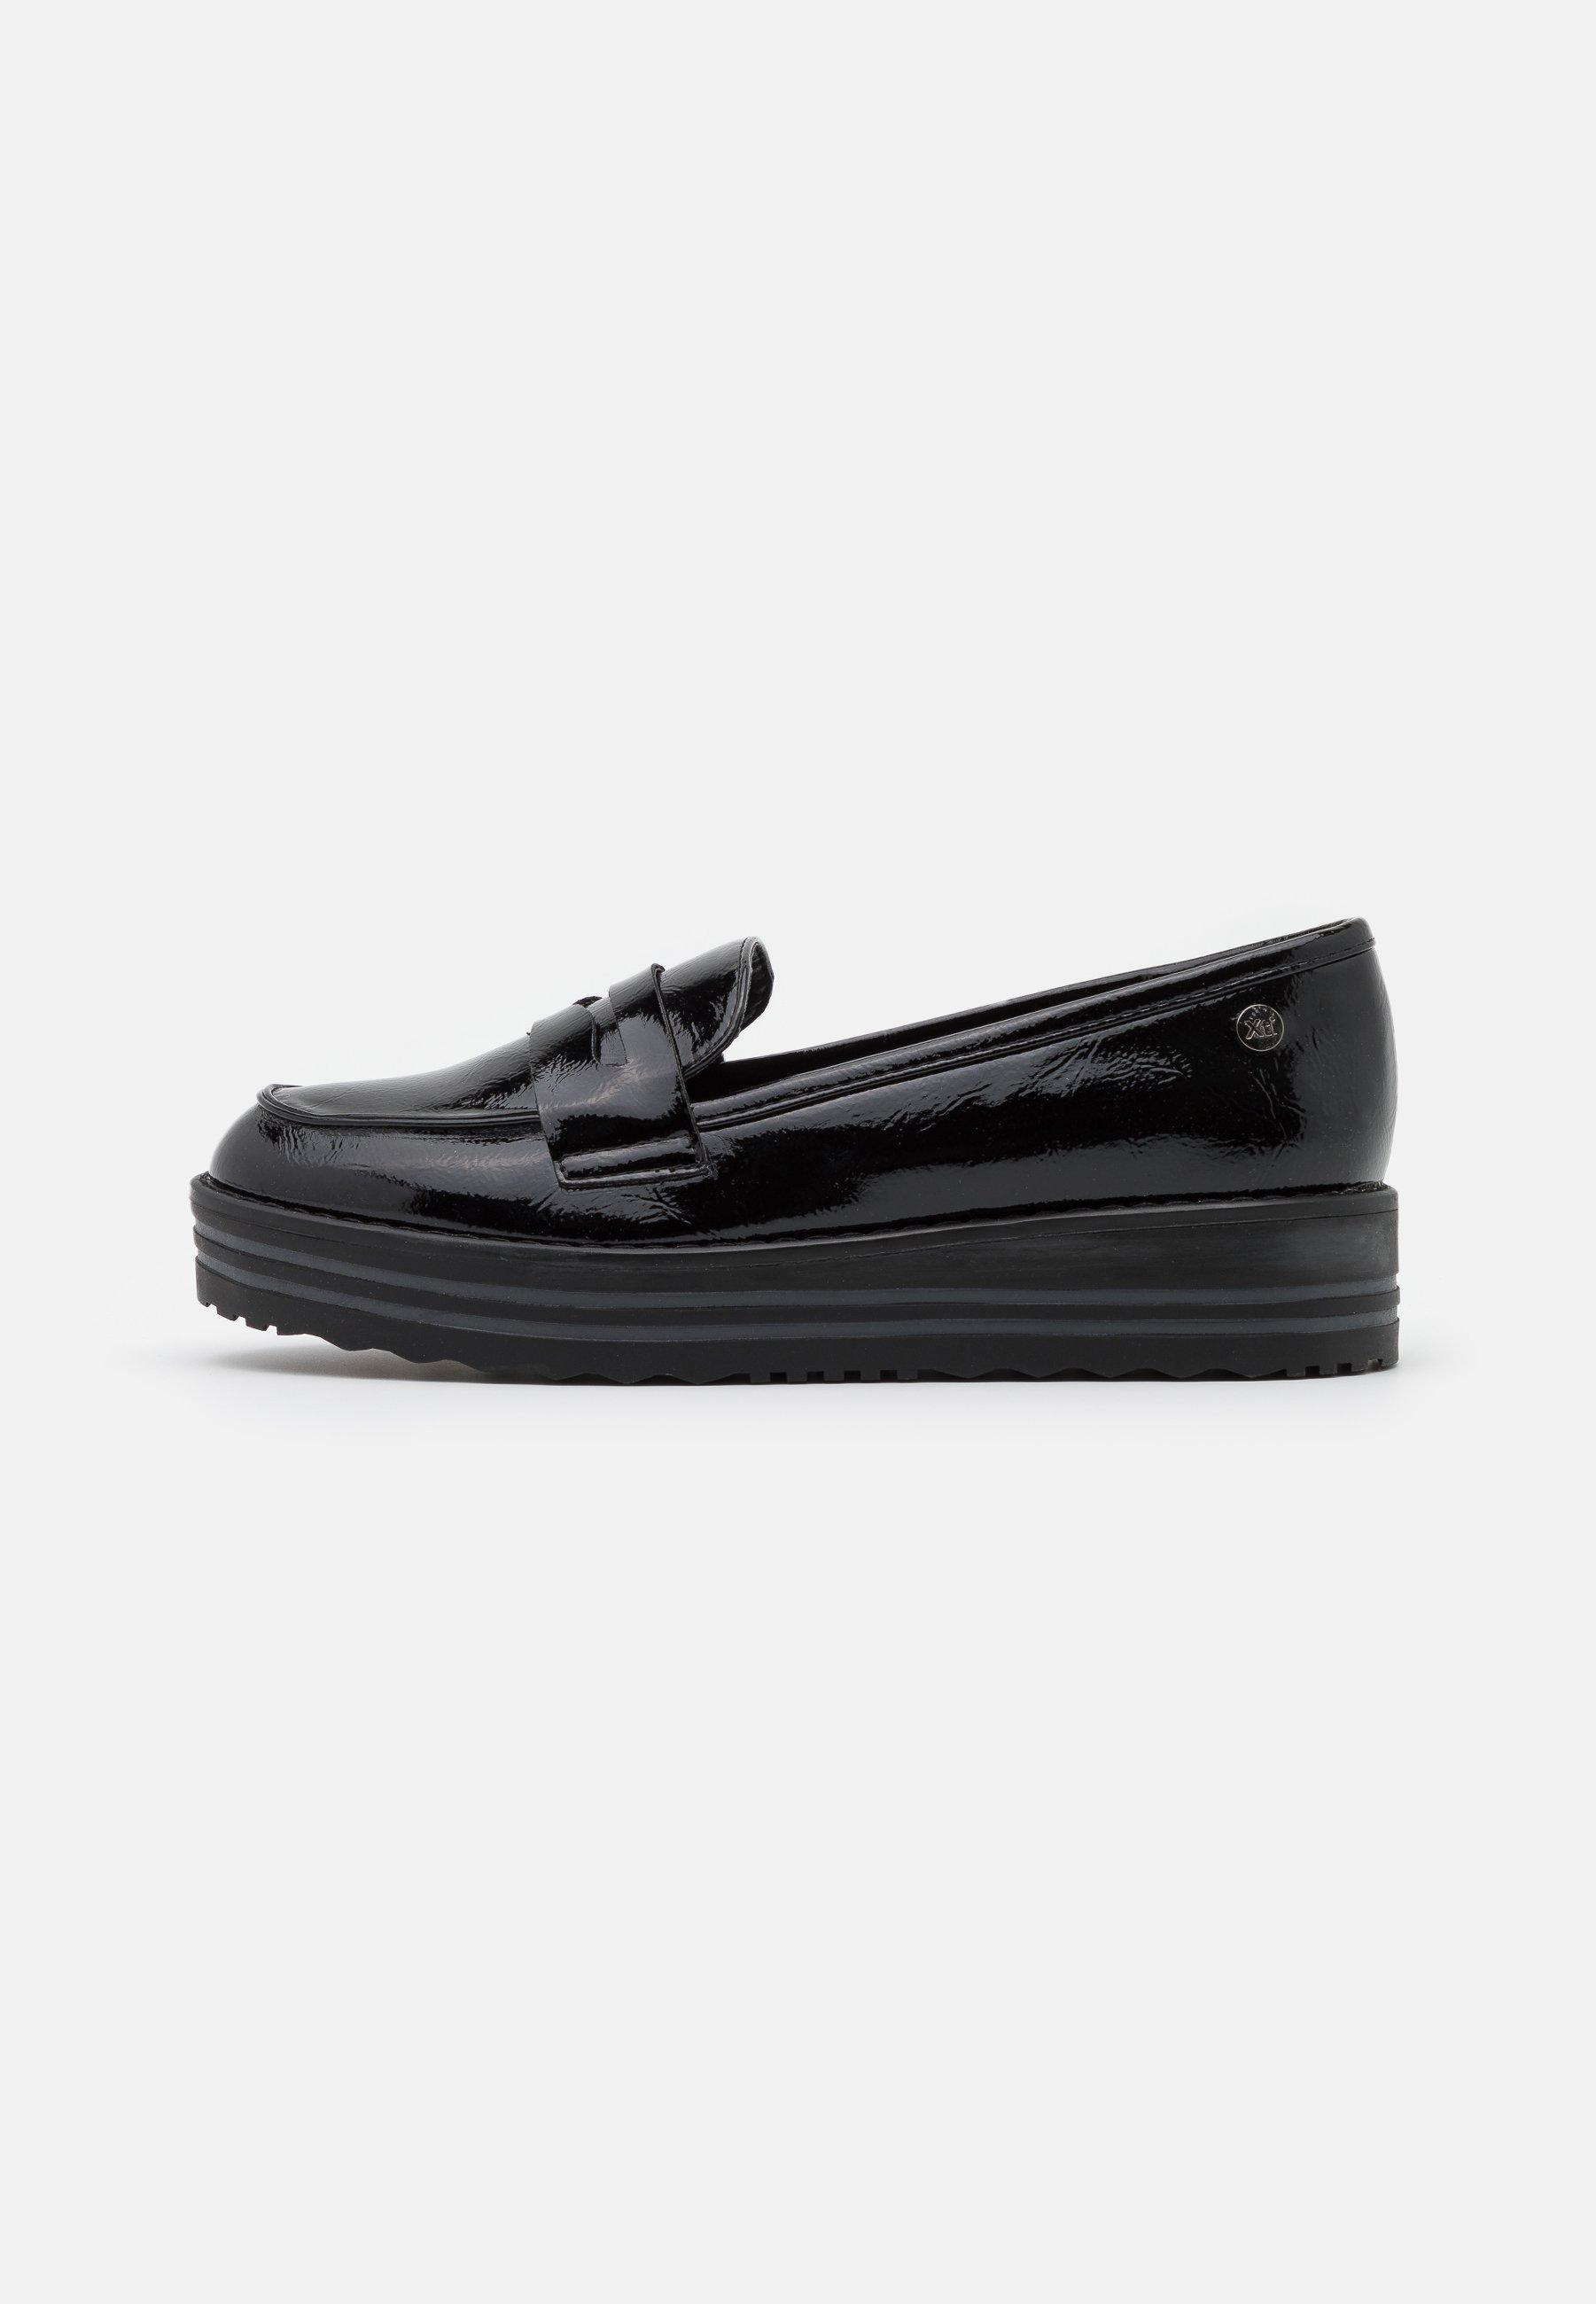 Lave sko damesko online | FEETFIRST.NO